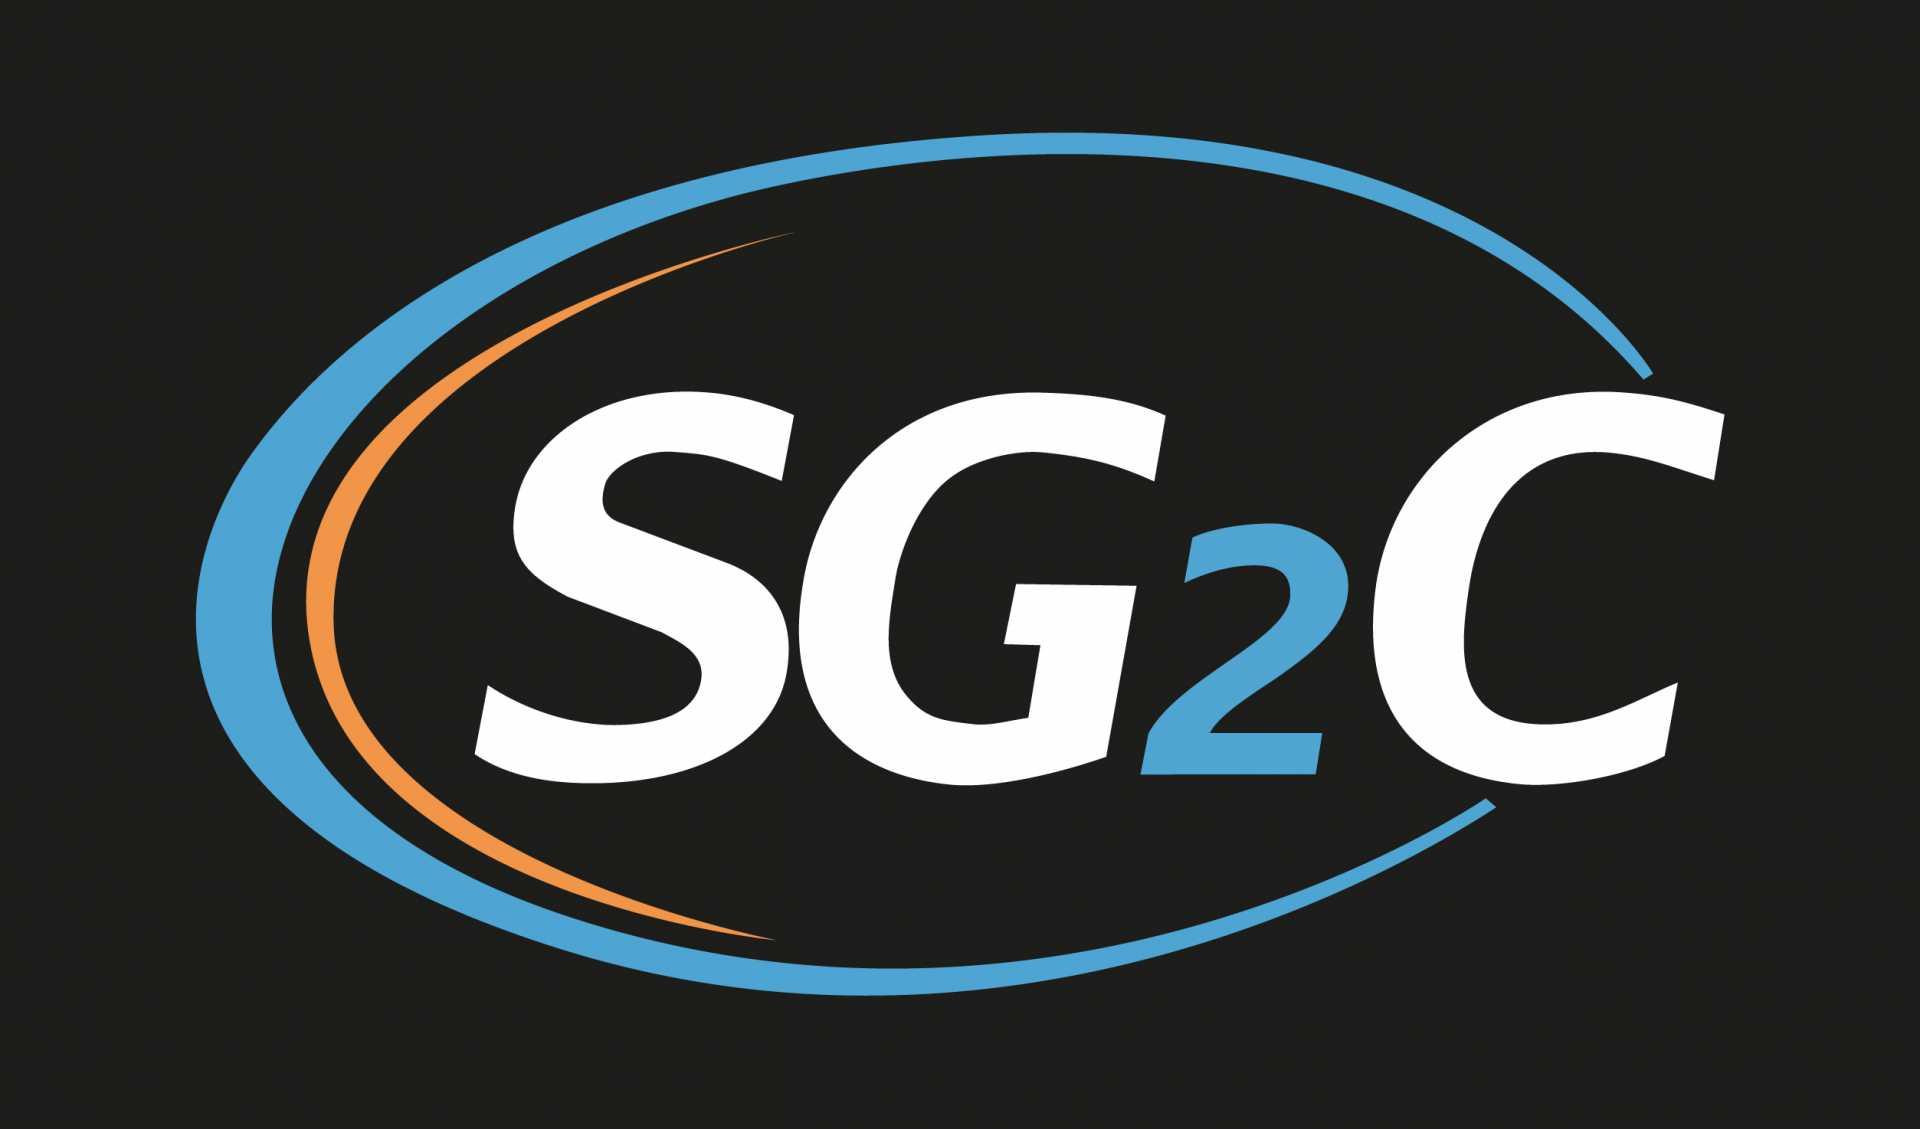 SG2C, France